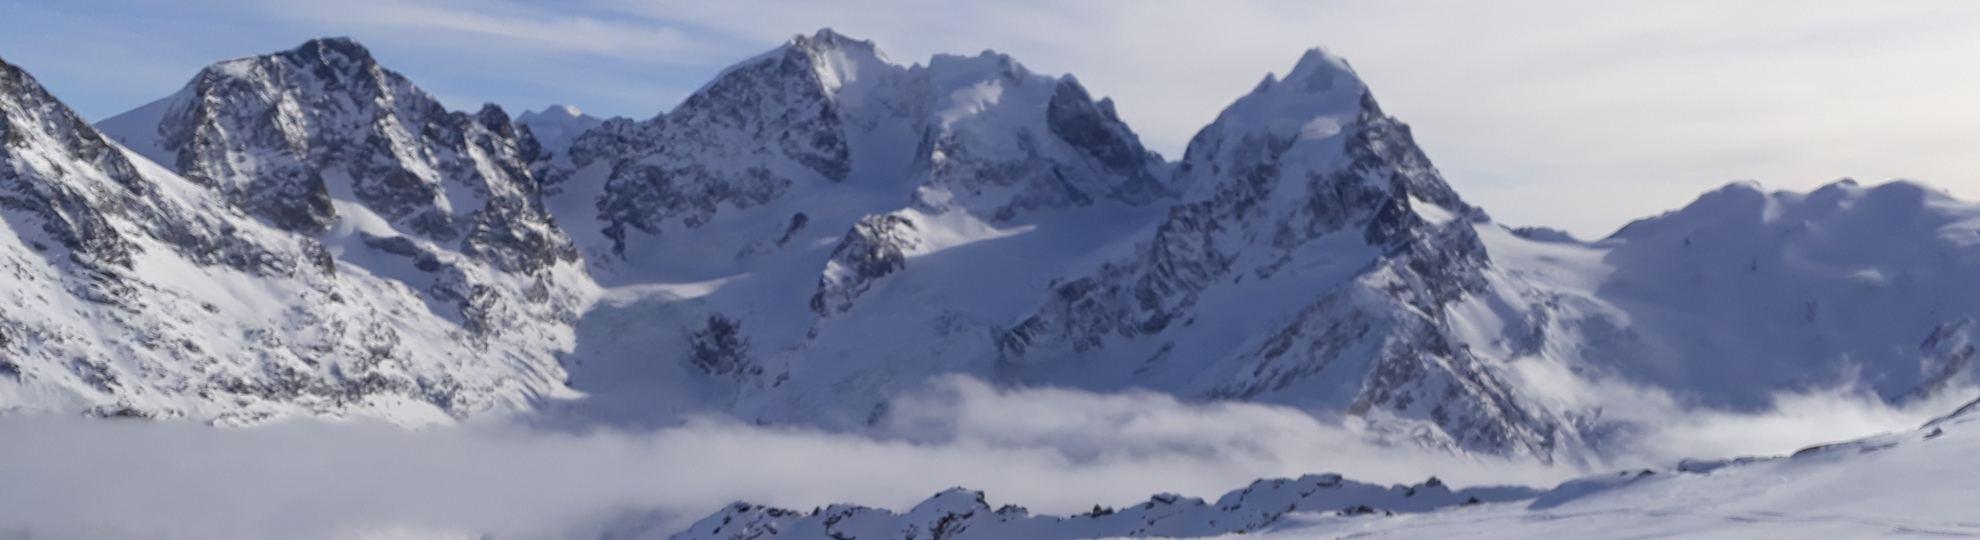 Skiwoche Im Engadin Mit Bewusstheitsarbeit Vom 24.  – 29. Januar 2021